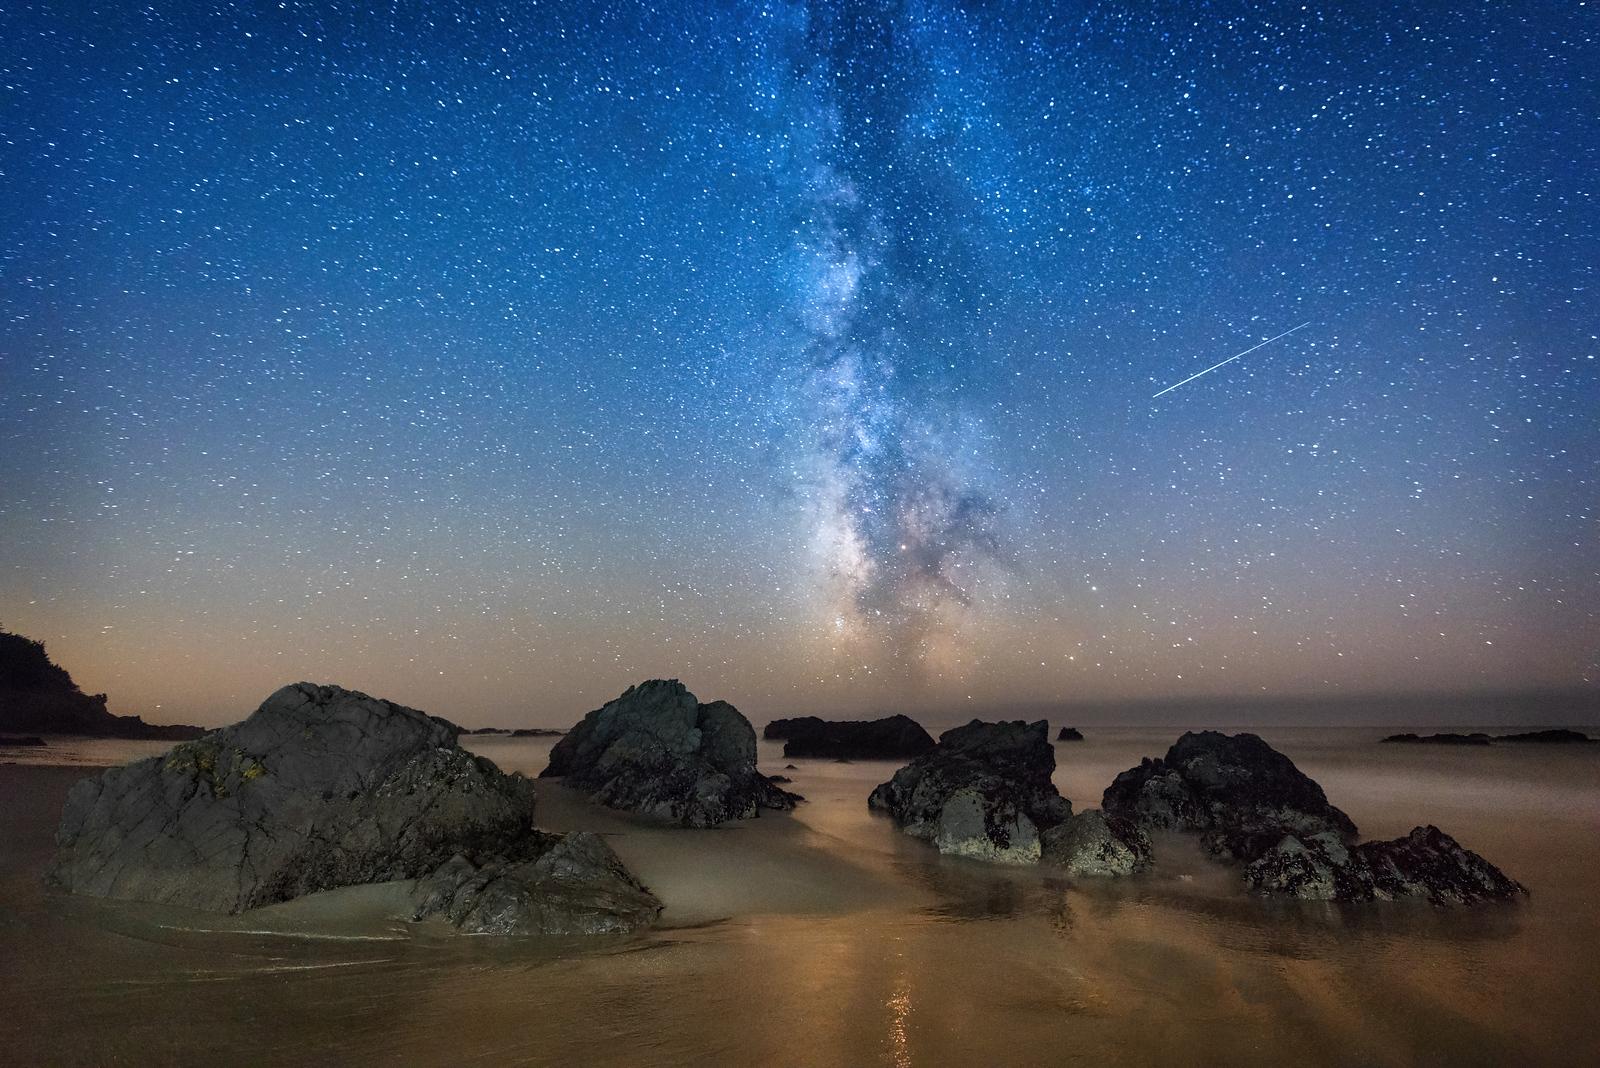 Olson Beach & Shooting Star, Sea Ranch, California